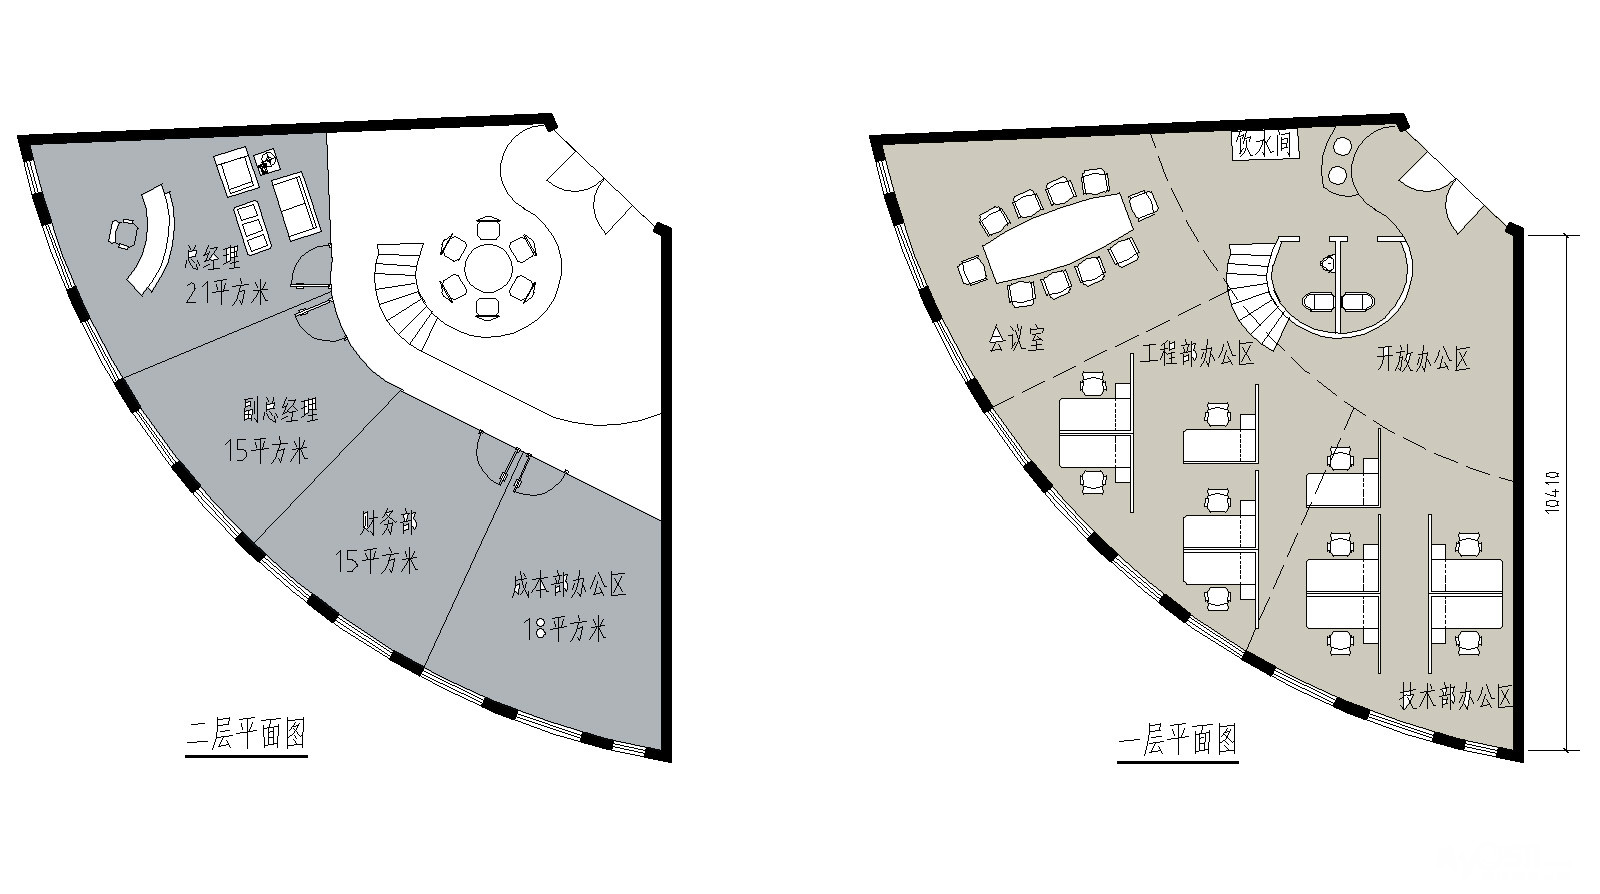 原始结构图为平面图上黑色墙体部分,在这里就不单独发了.